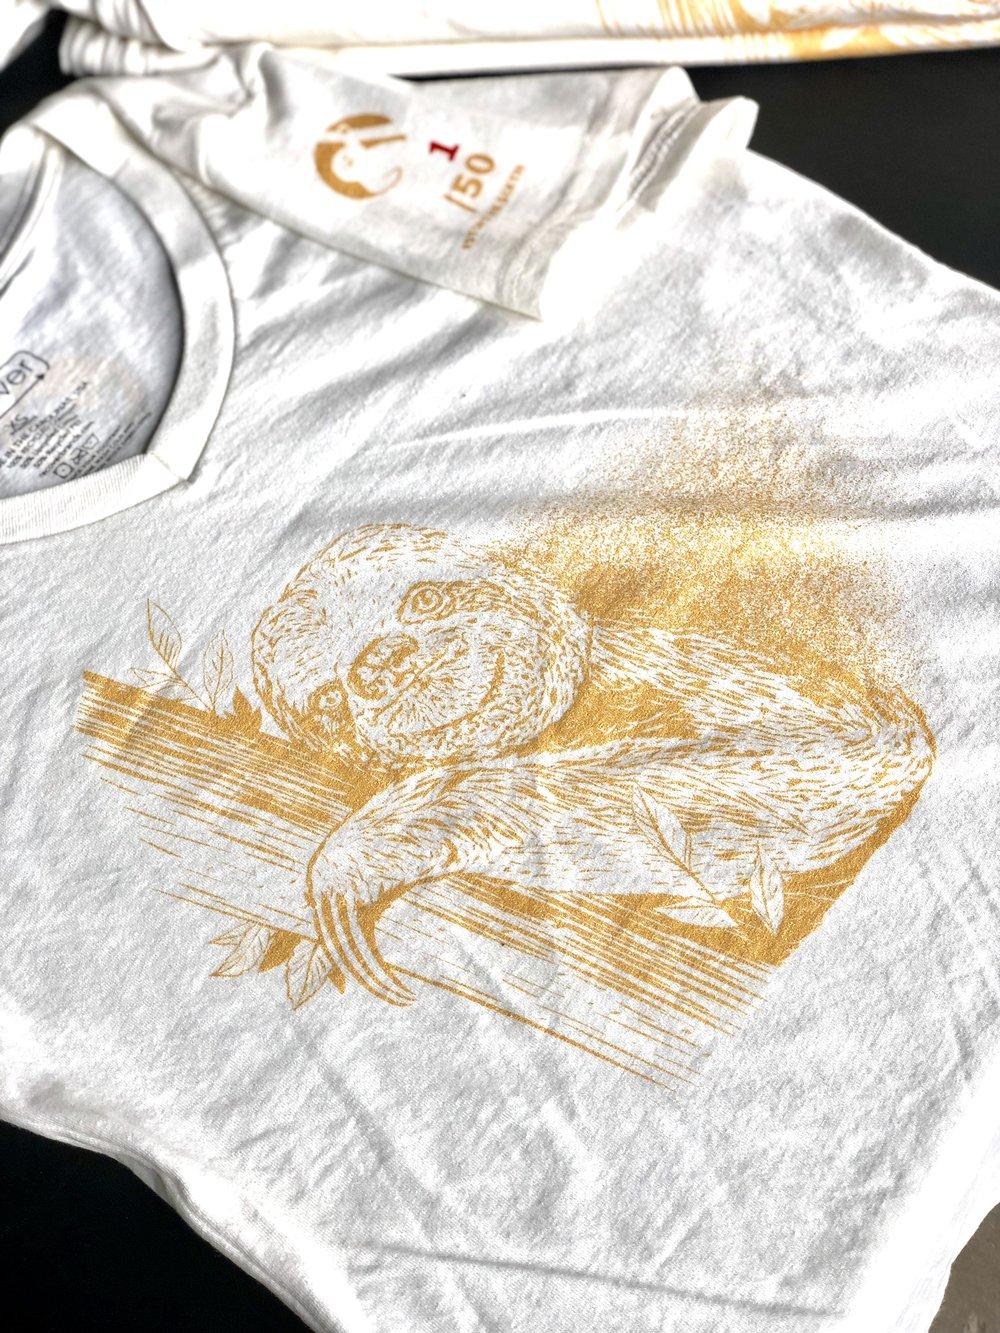 apdat-print-co-eco-friendly-shirt-water-based-ink.jpg